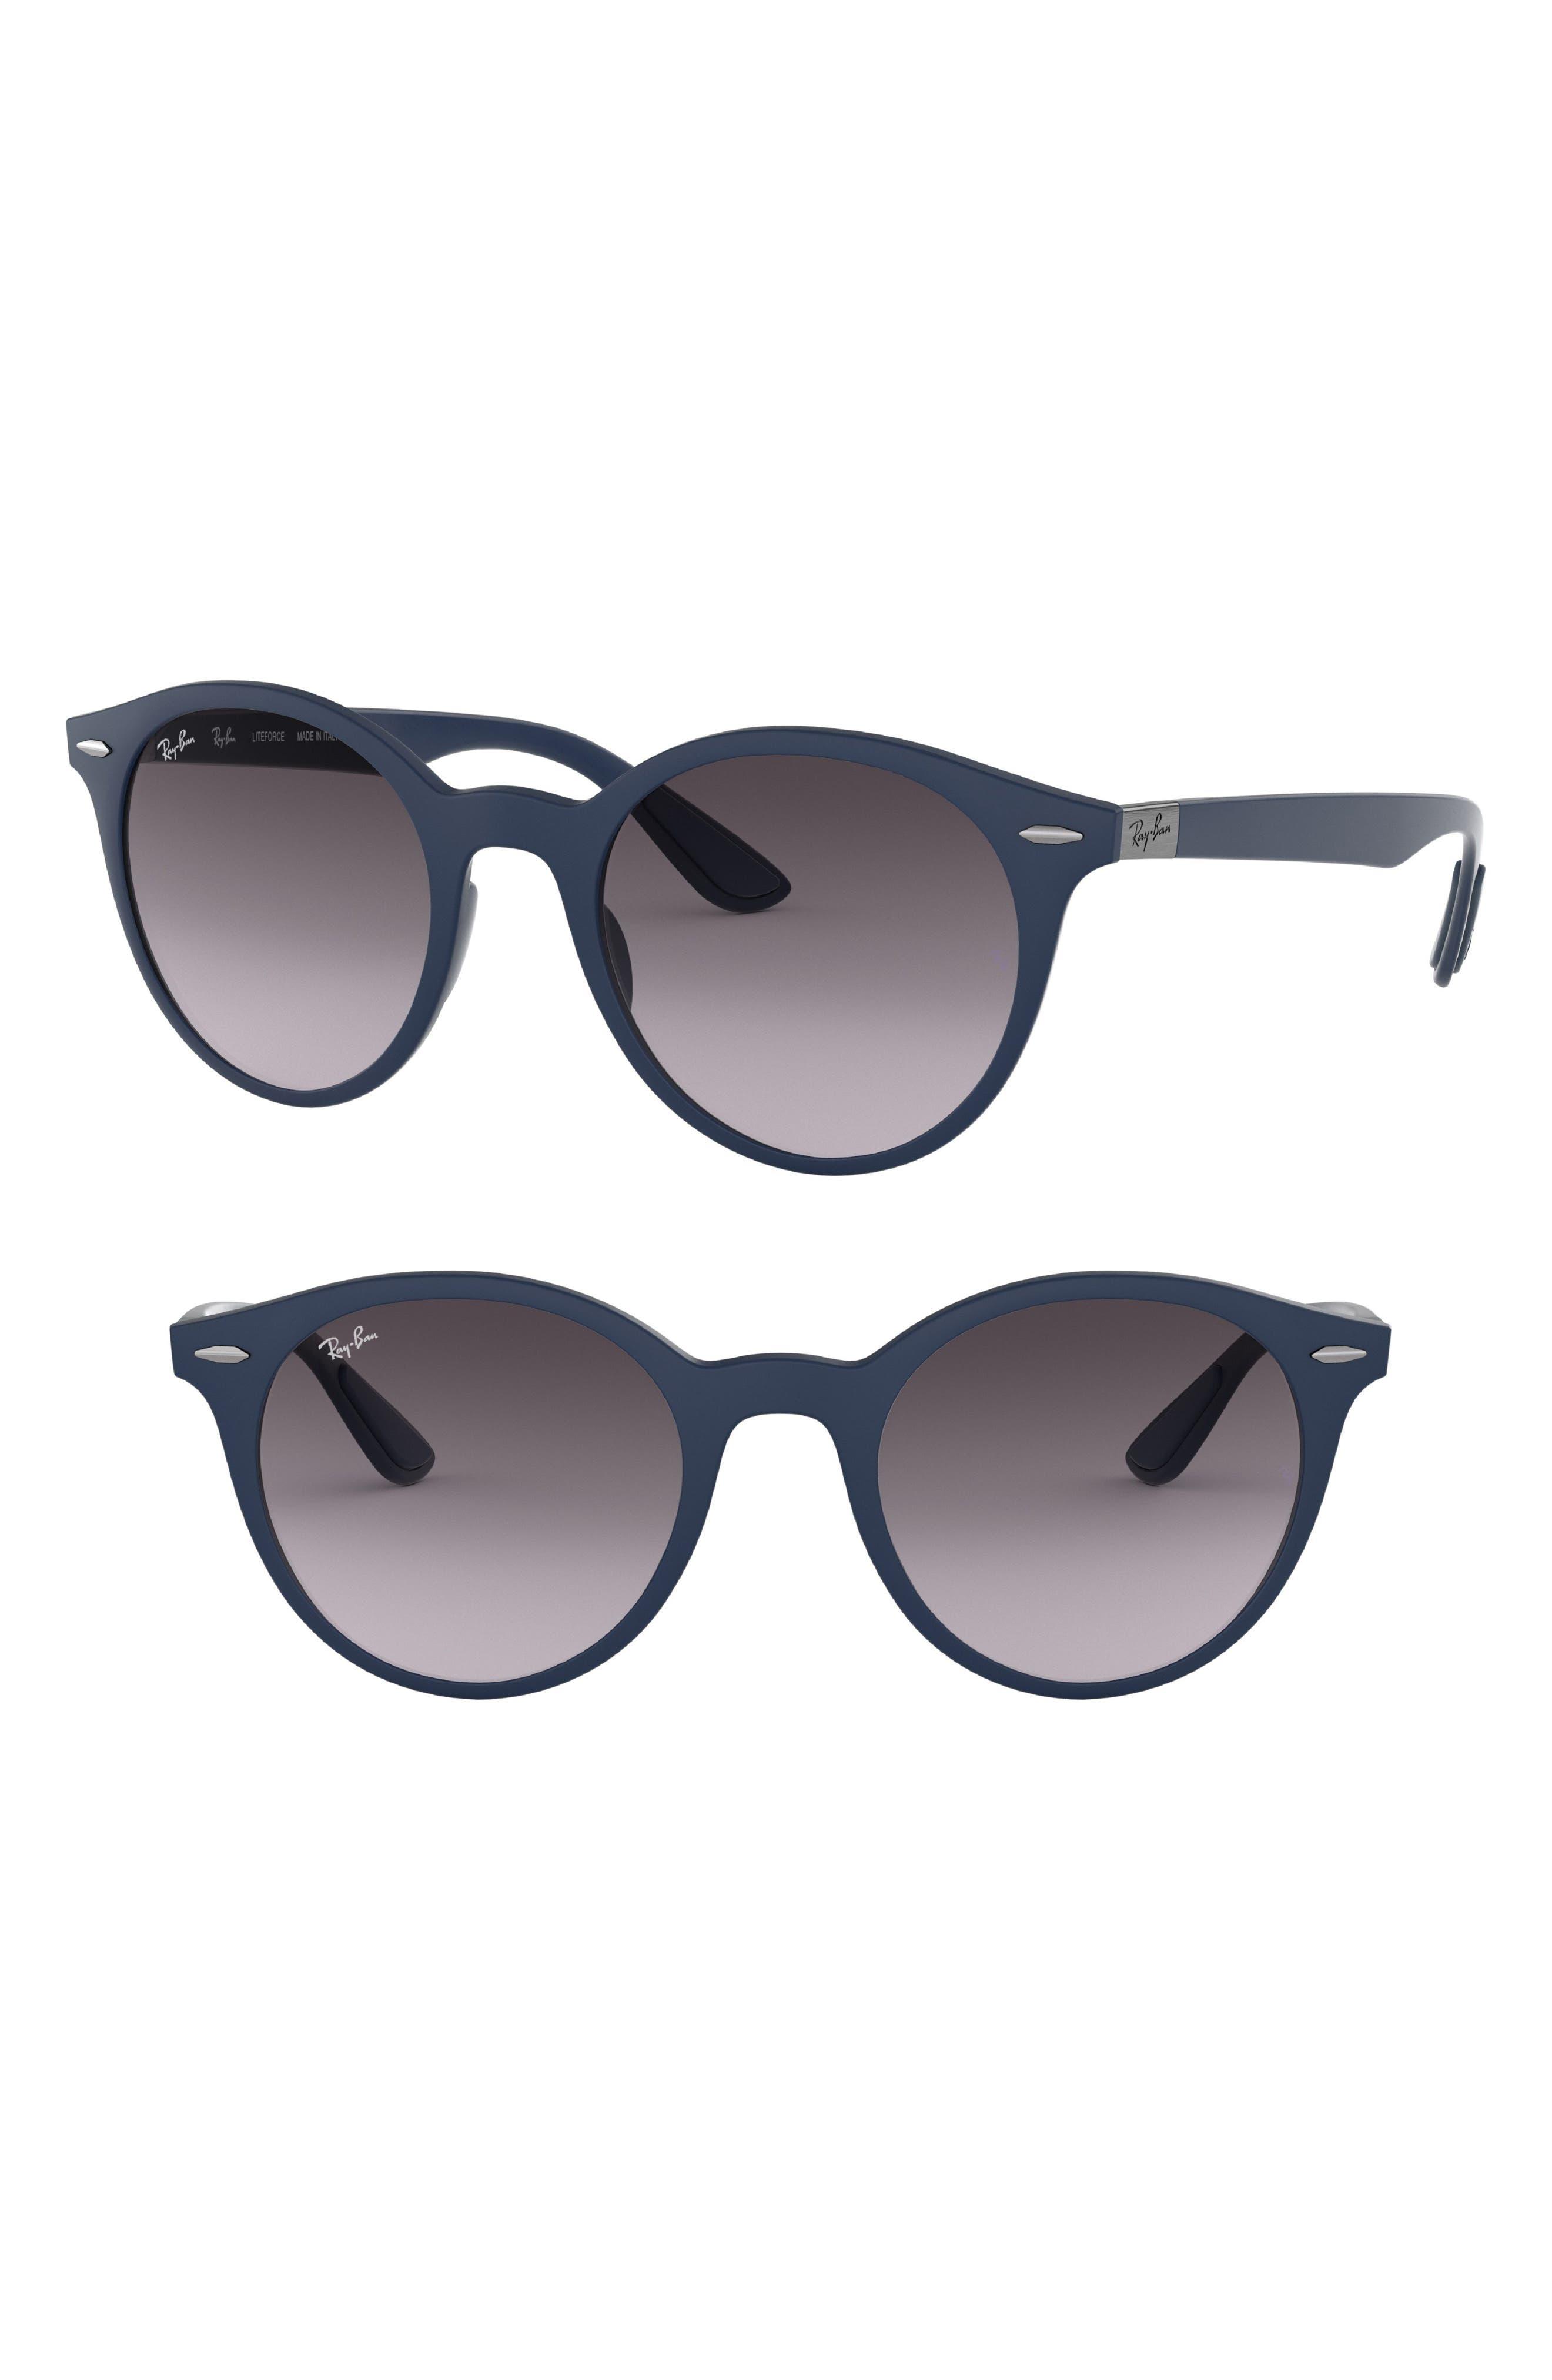 Phantos 50mm Sunglasses,                             Main thumbnail 1, color,                             Matte Blue